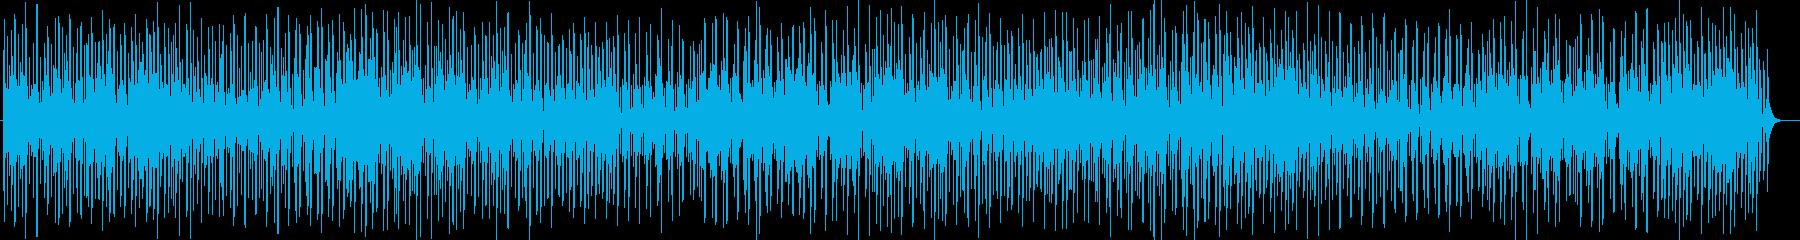 癒し系シンセサイザーなどのサウンドの再生済みの波形